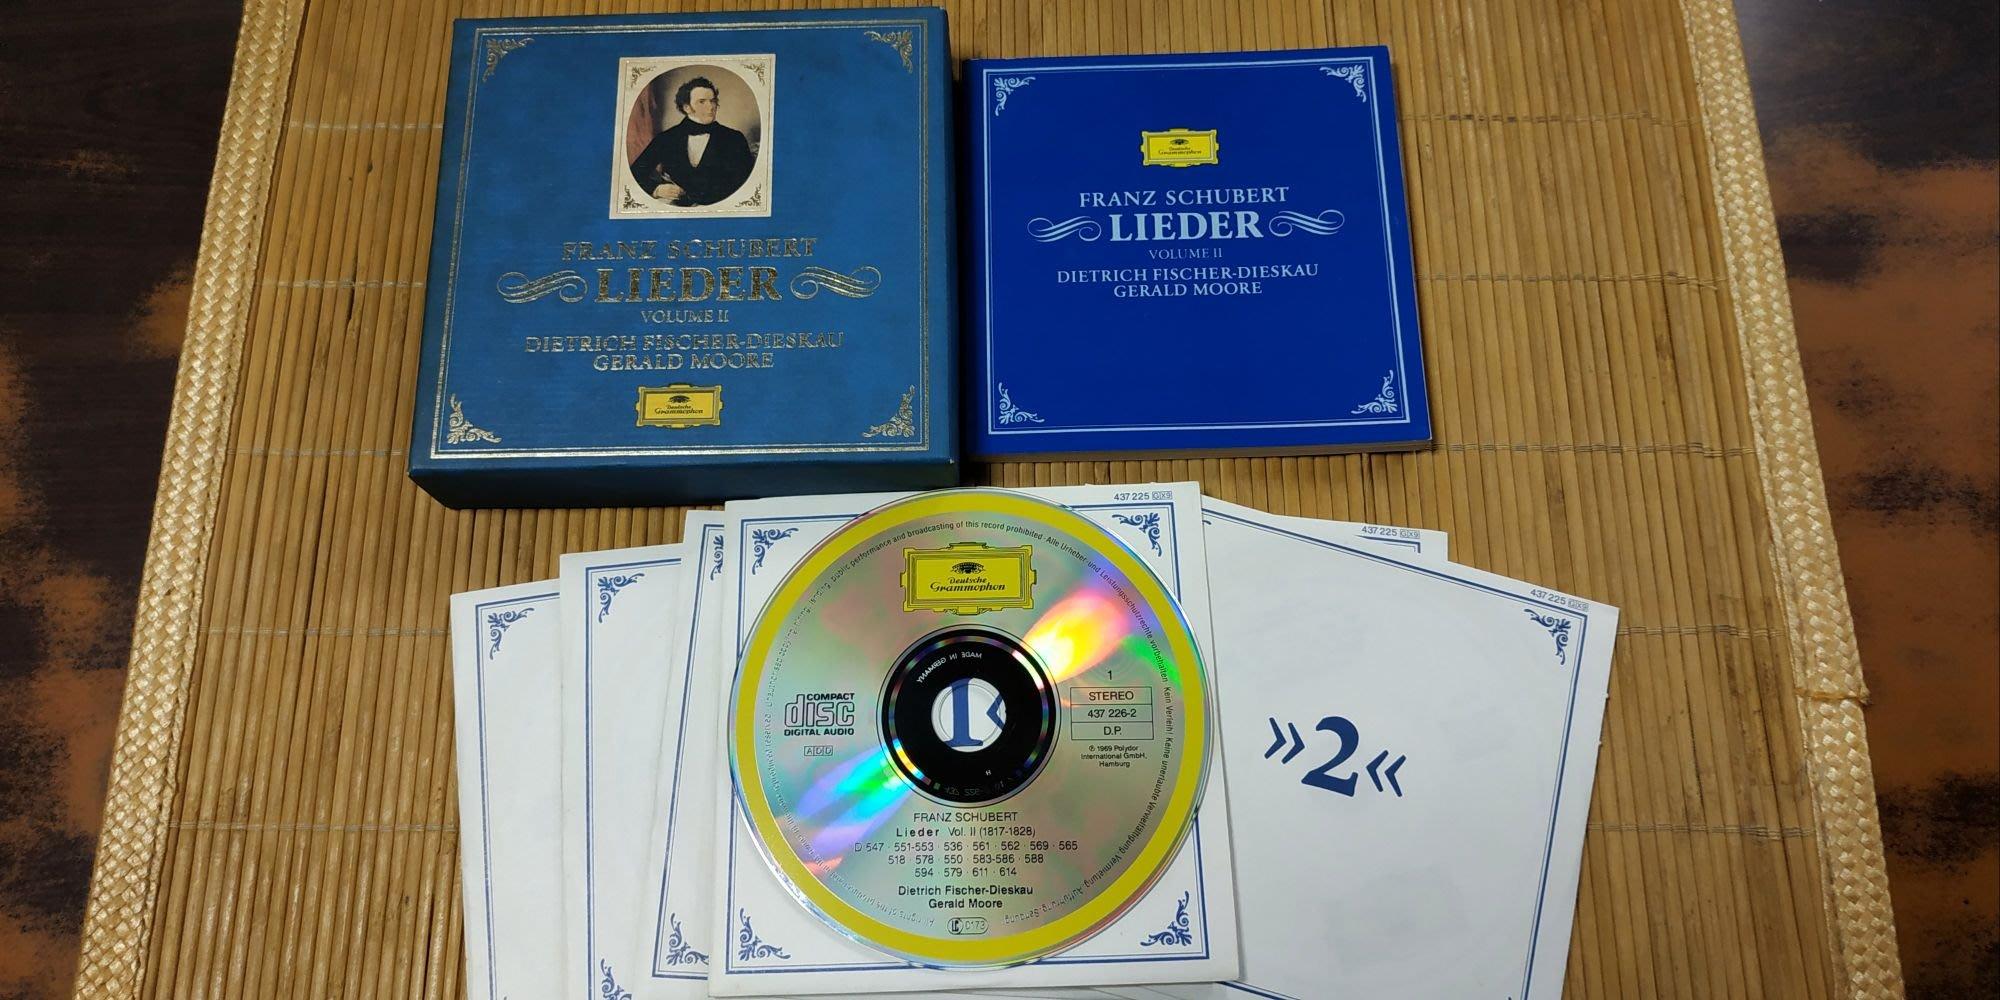 好音悅 半銀圈 費雪狄斯考 摩爾 舒伯特 藝術歌曲集 VOL.2 Schubert Lieder DG 德版 無IFPI